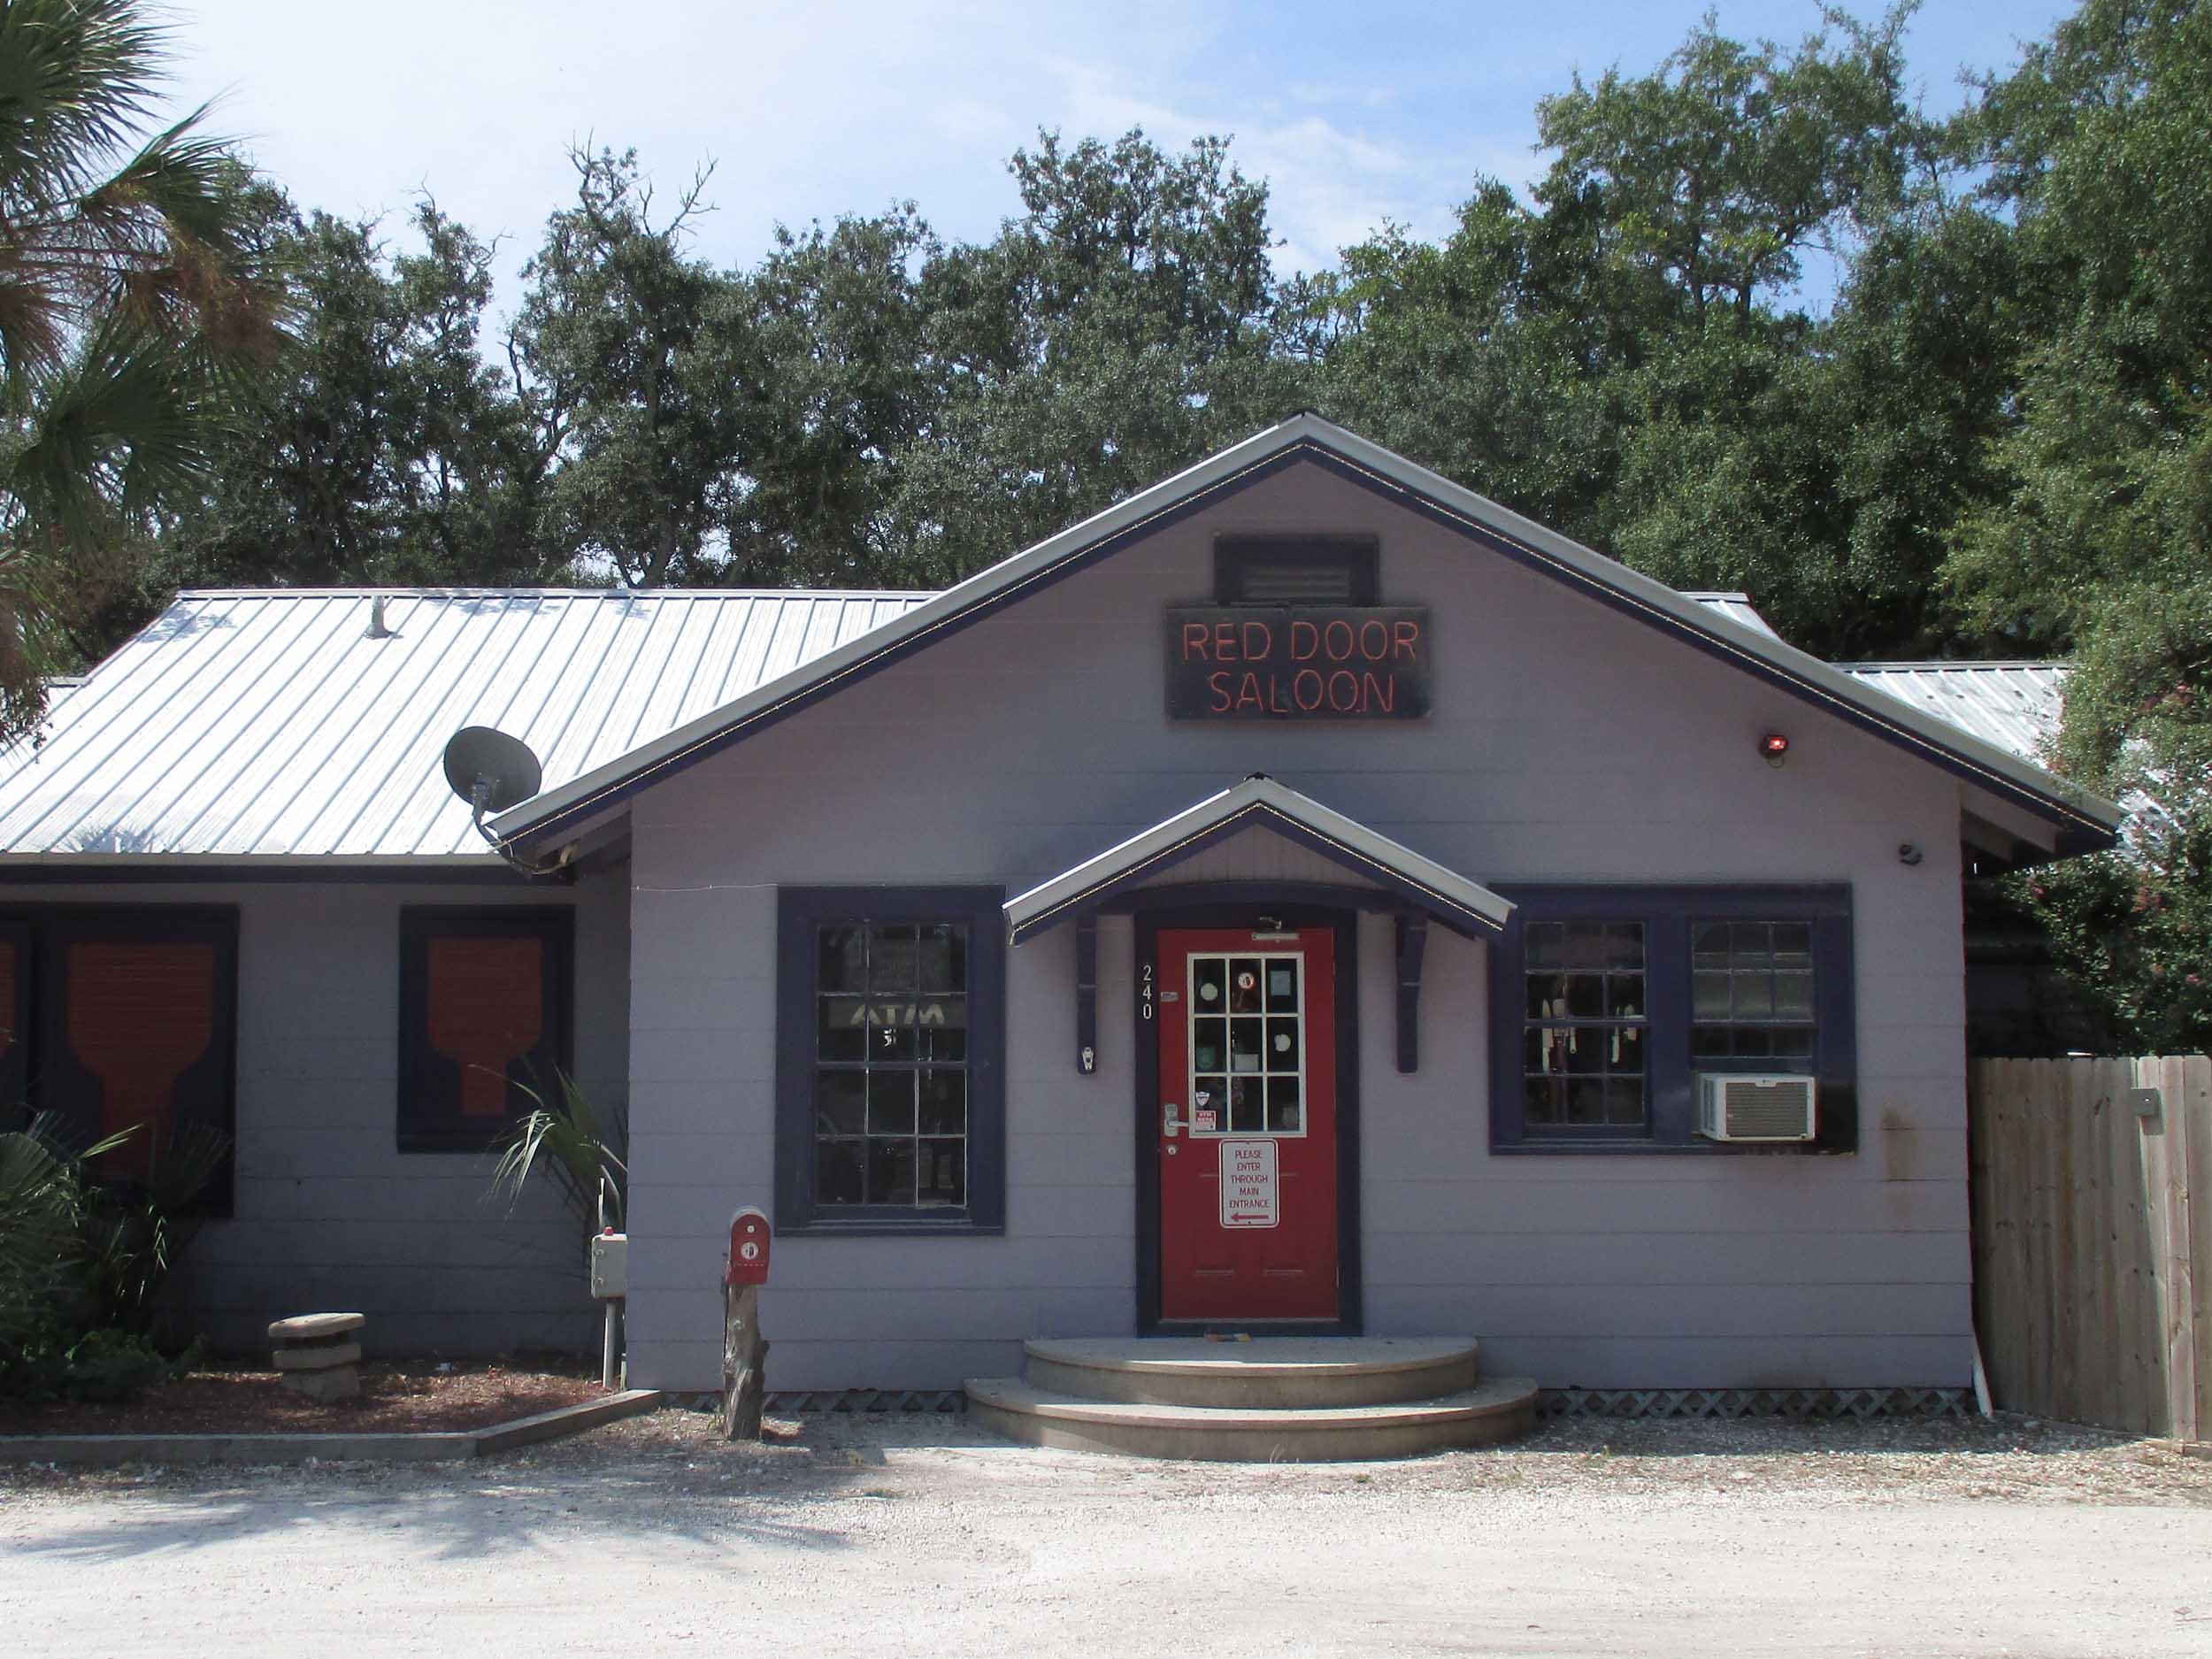 The Red Door Saloon Exterior